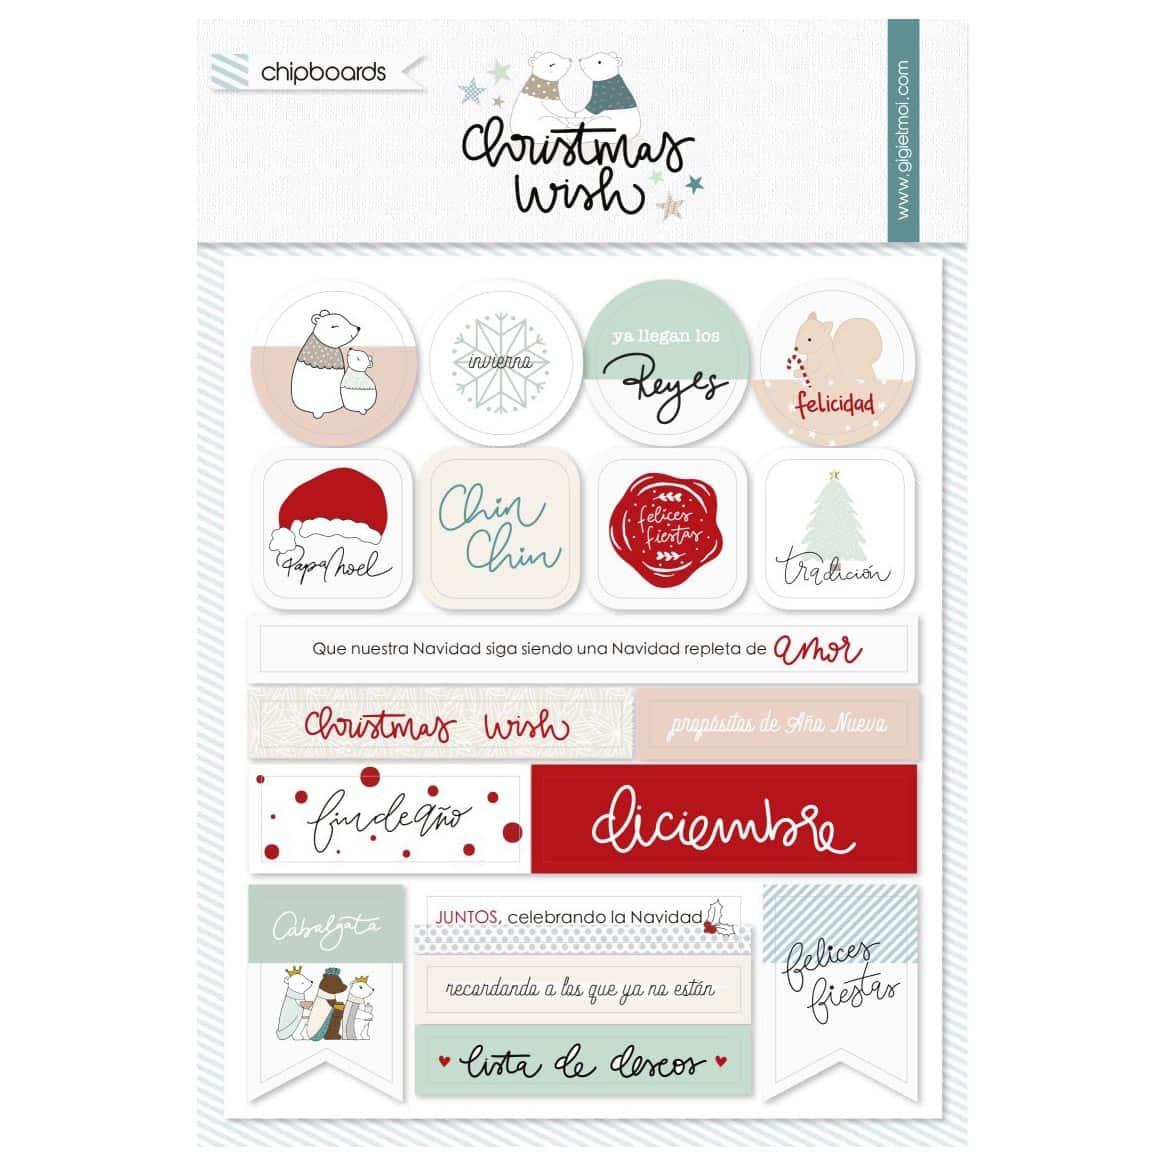 stickers chipboard christmas wish GIGIETMOI navidad scrapbook La esquinita del scrap México